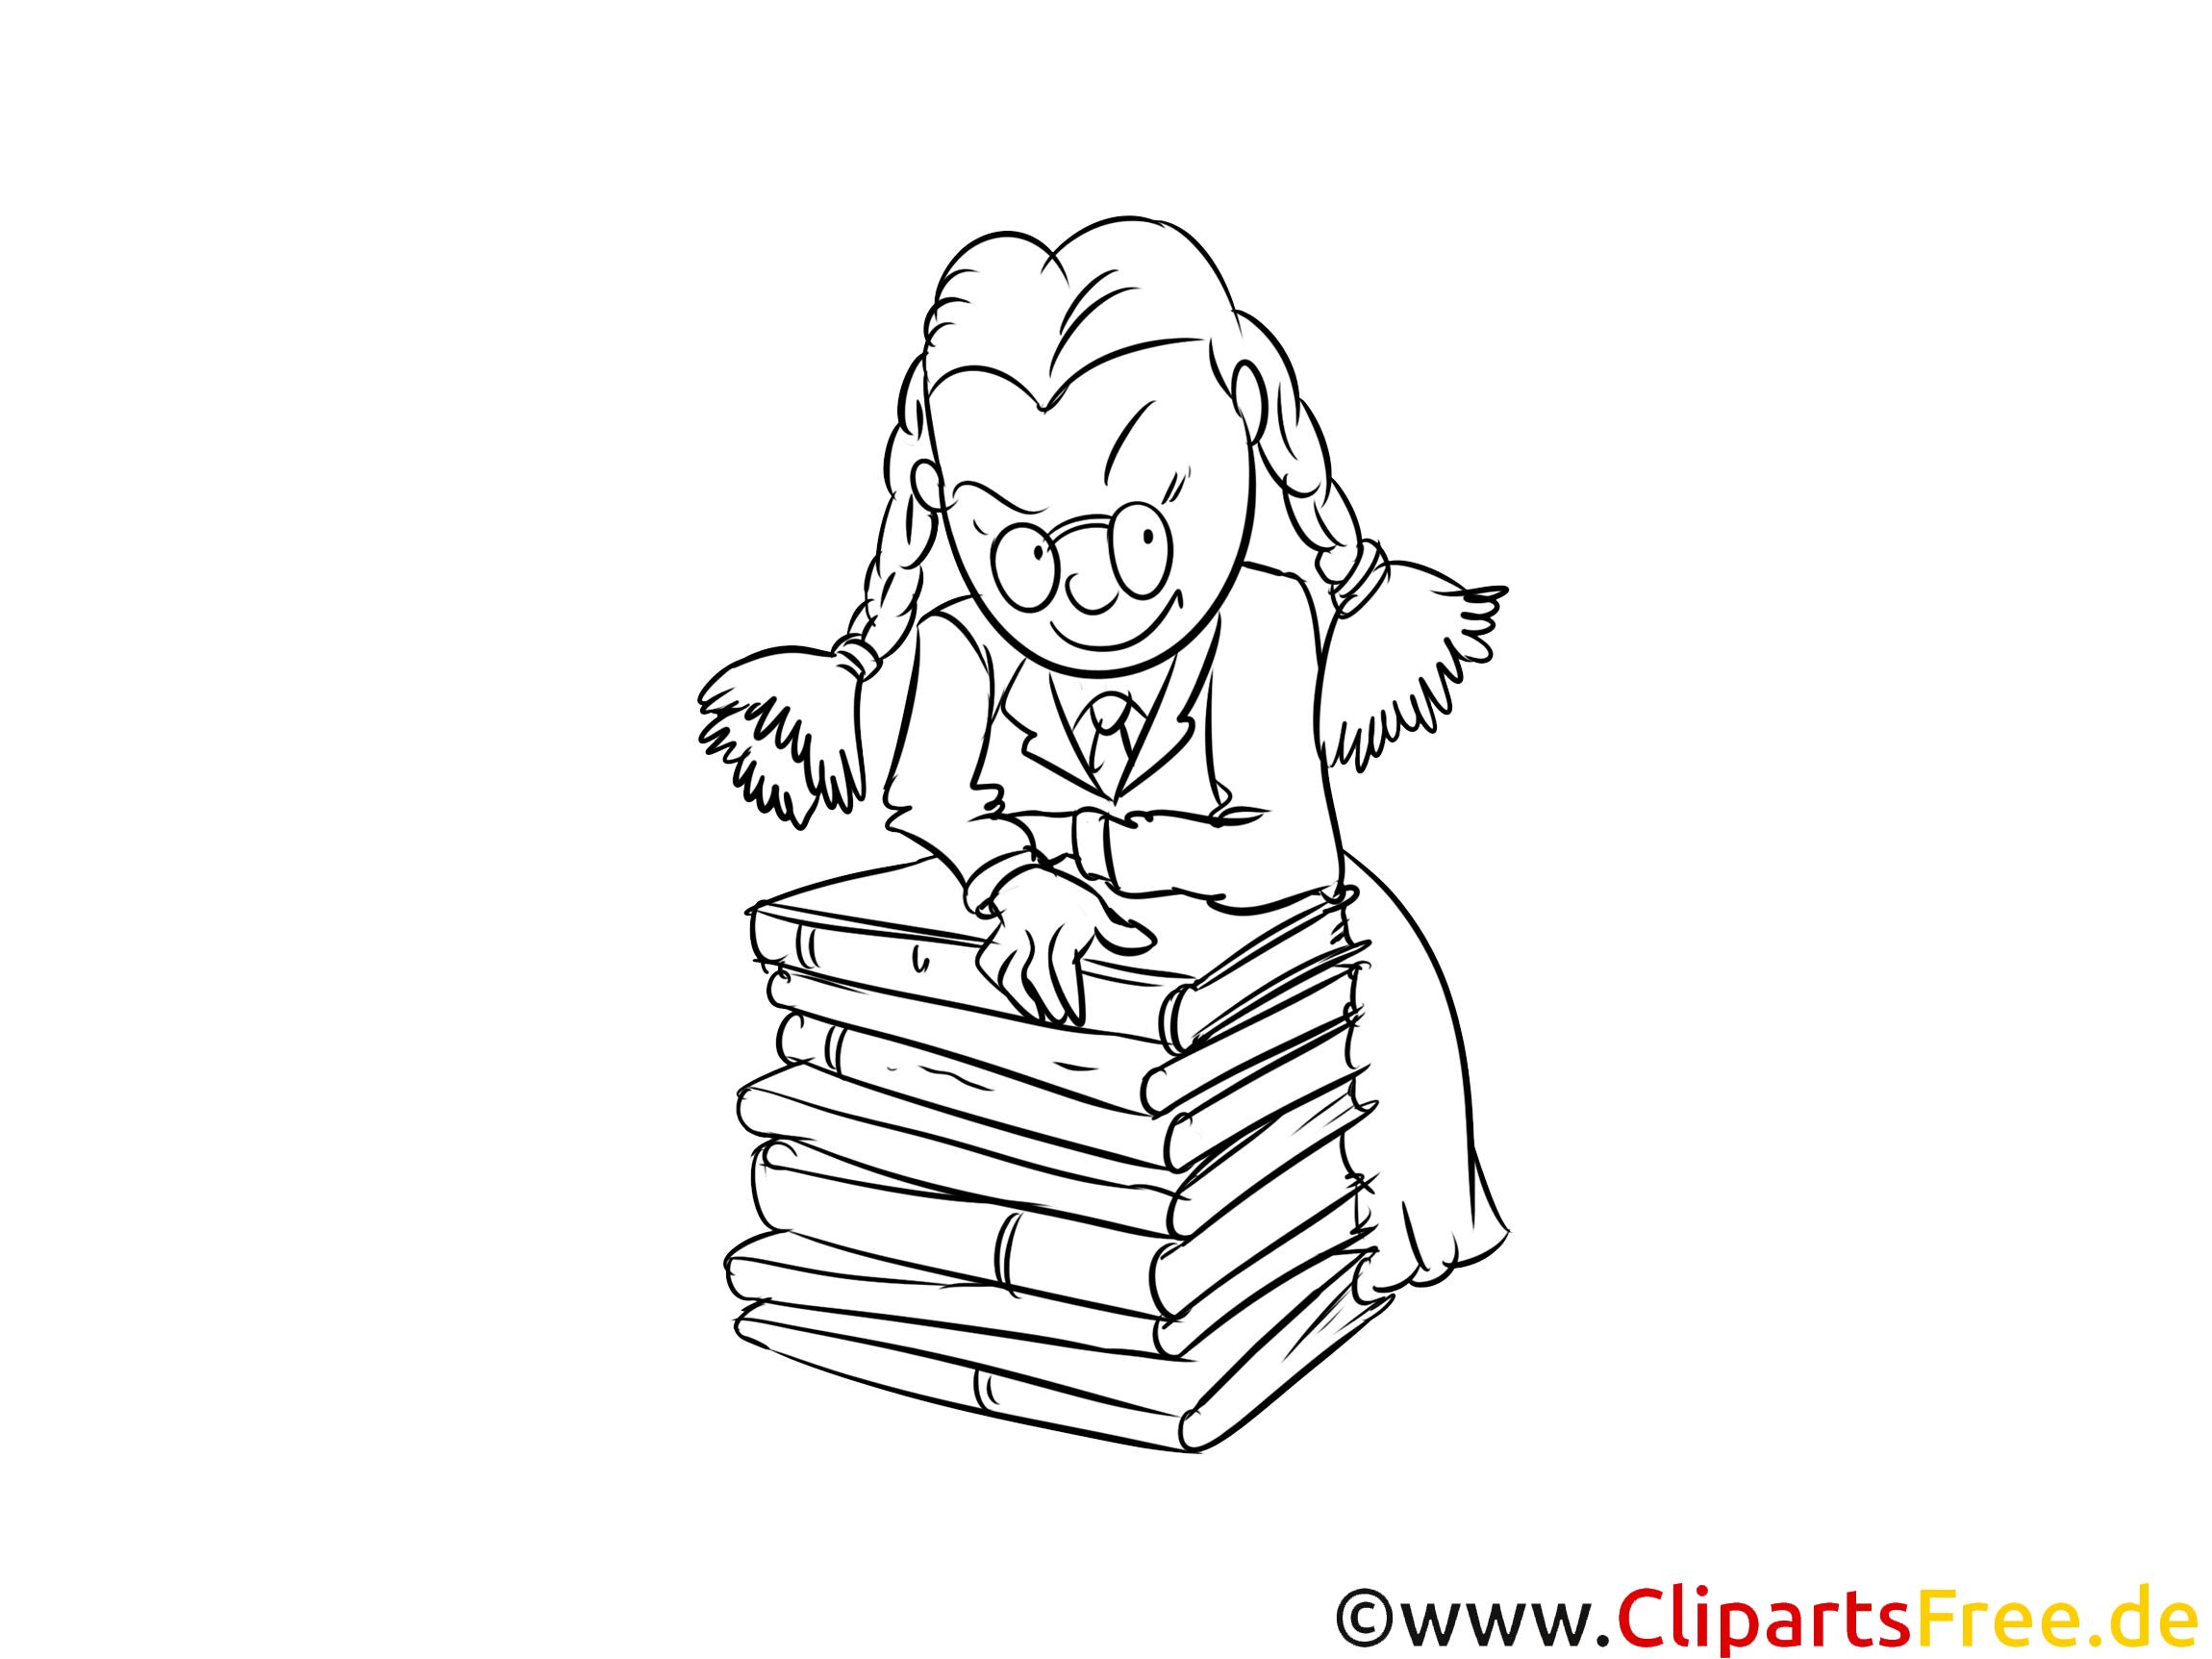 Schülerin mit Büchern Bild, Malvorlage, Ausmalbild kostenlos